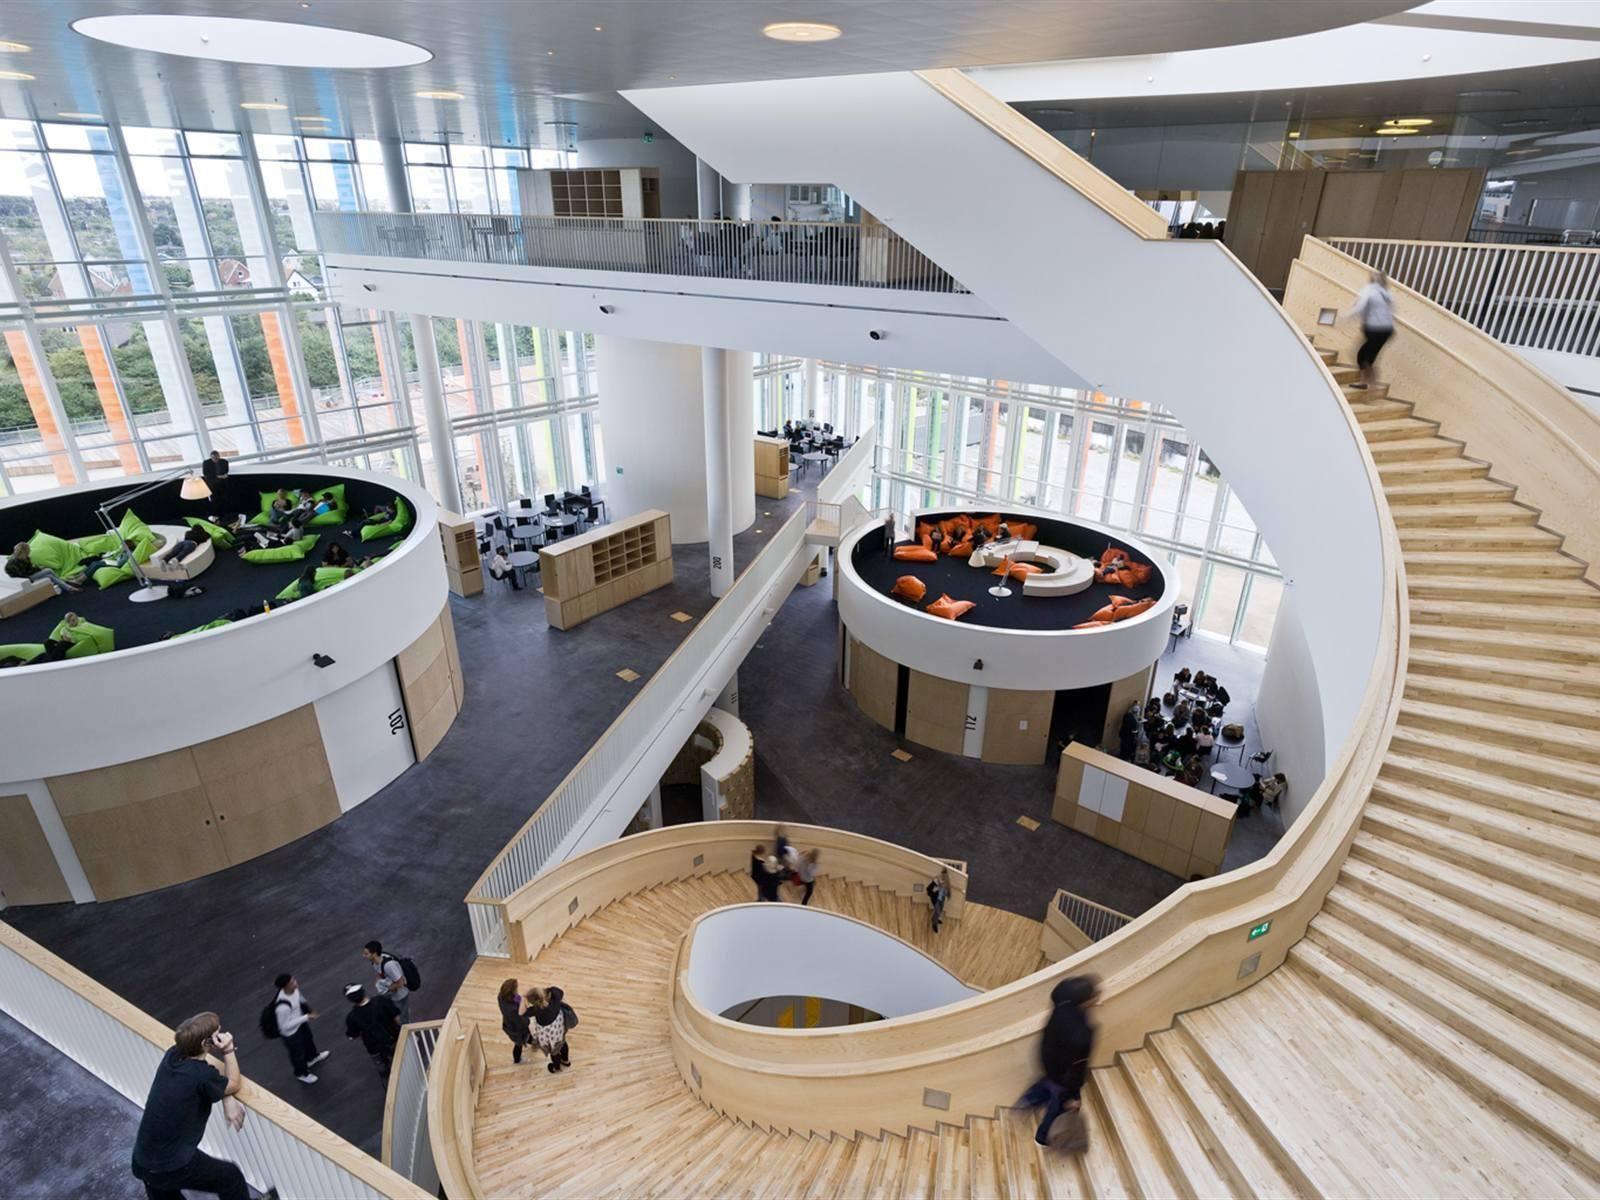 Secondary School In Copenhagen